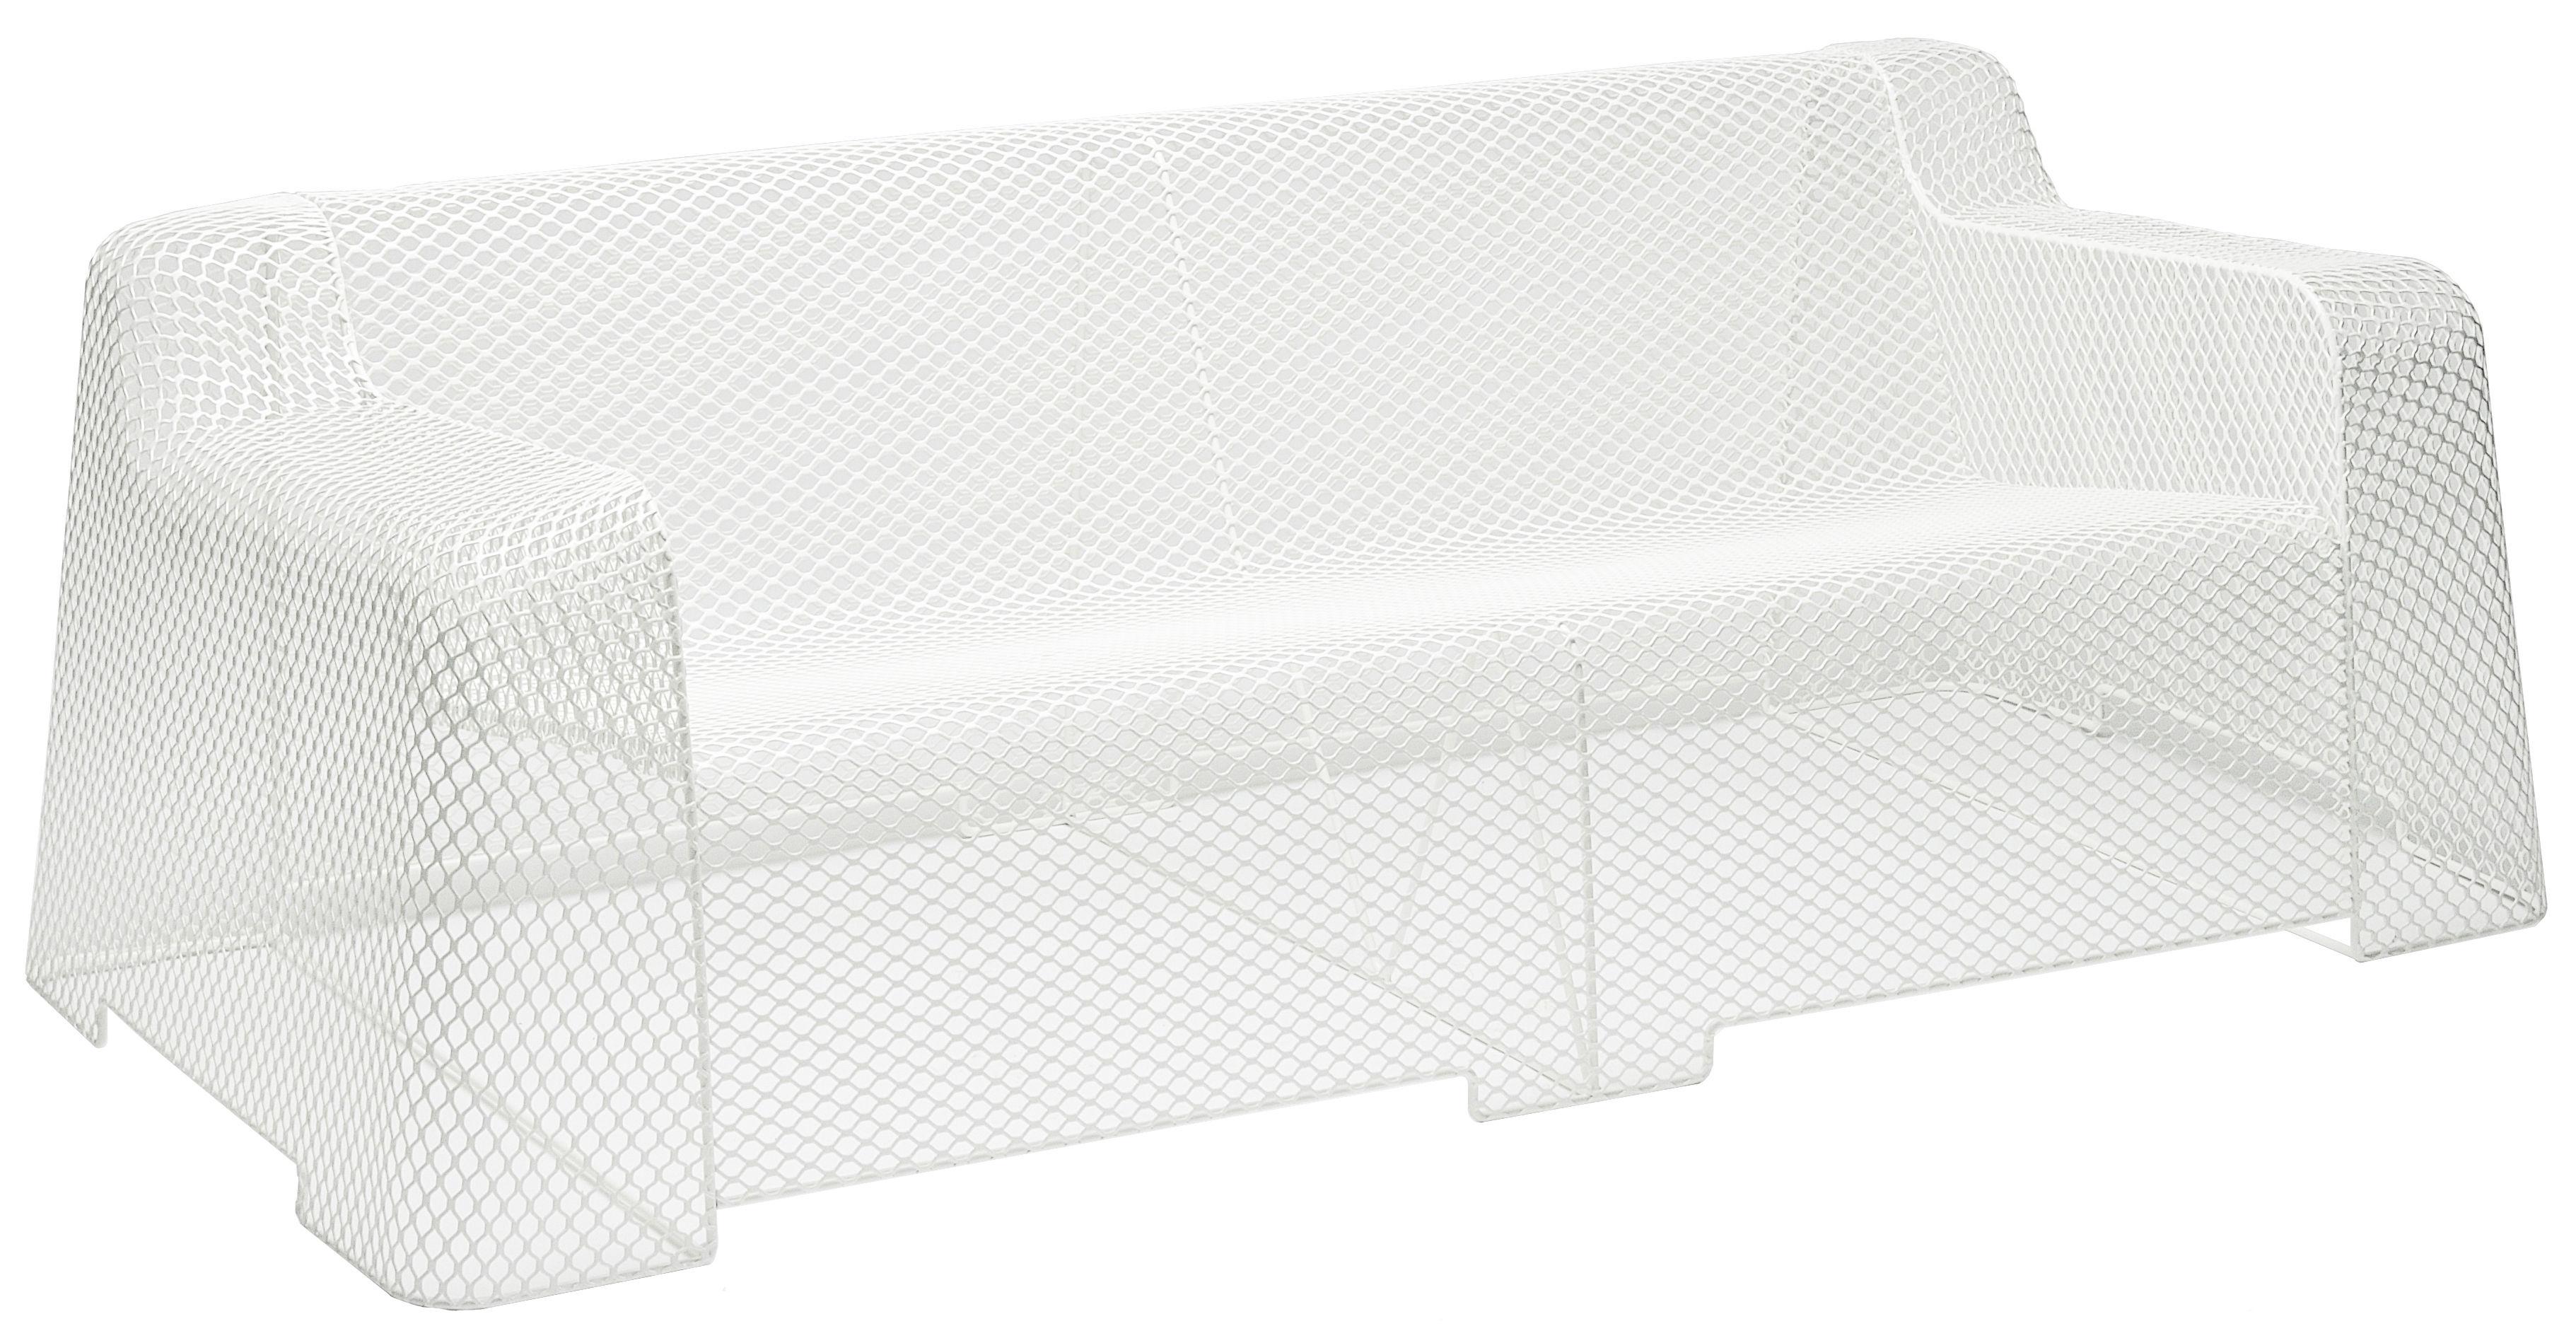 Outdoor - Poltrone e Divani - Divano destro Ivy - 2 posti di Emu - Bianco - Acciaio